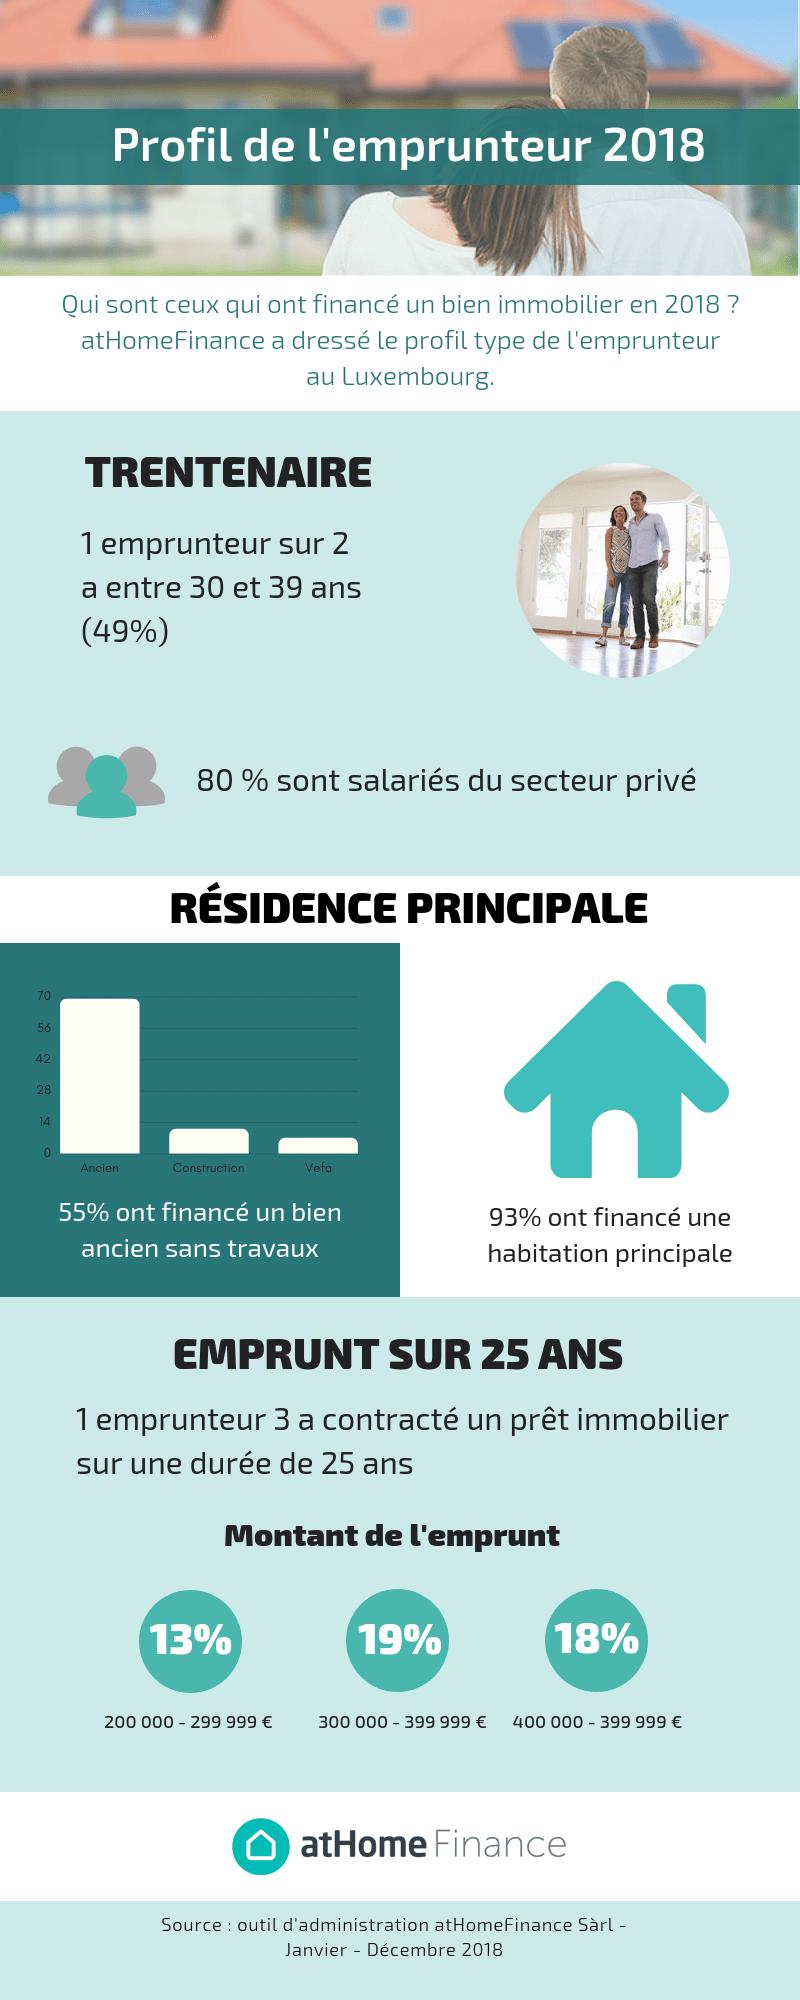 Le profil de l'emprunteur au Luxembourg